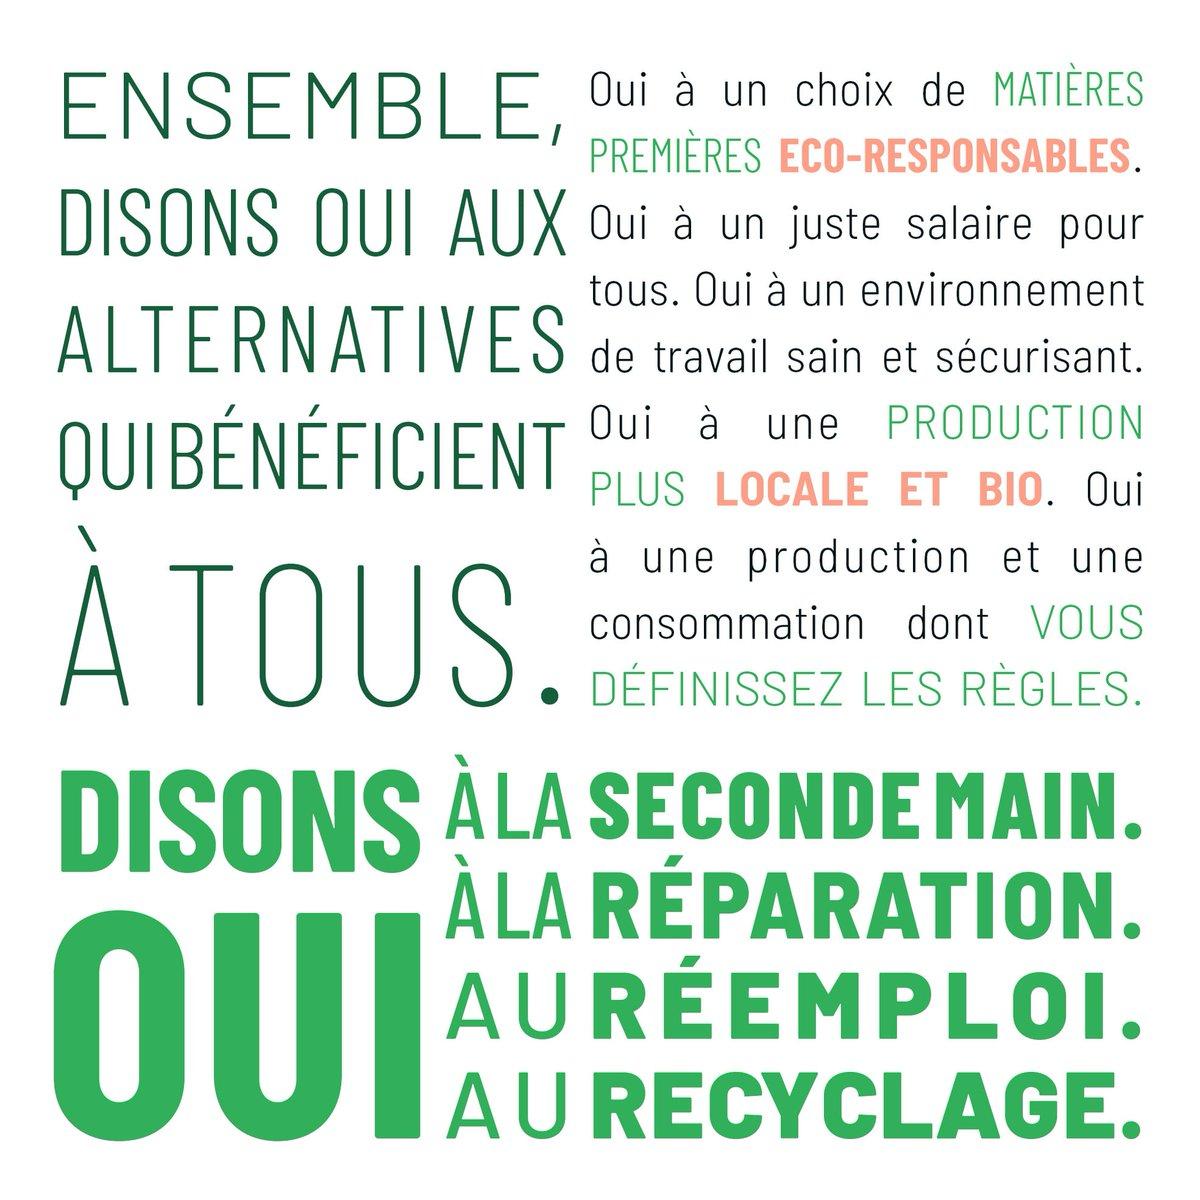 [VEILLE] 📣 Aujourd'hui, c'est le #GreenFriday ! Découvrez le mouvement anti #BlackFriday2020 et engagez-vous pour l'éco-responsabilité et une consommation plus responsable. #OffronsResponsable #ConsommerAutrement @legreenfriday @Envie_org  👉